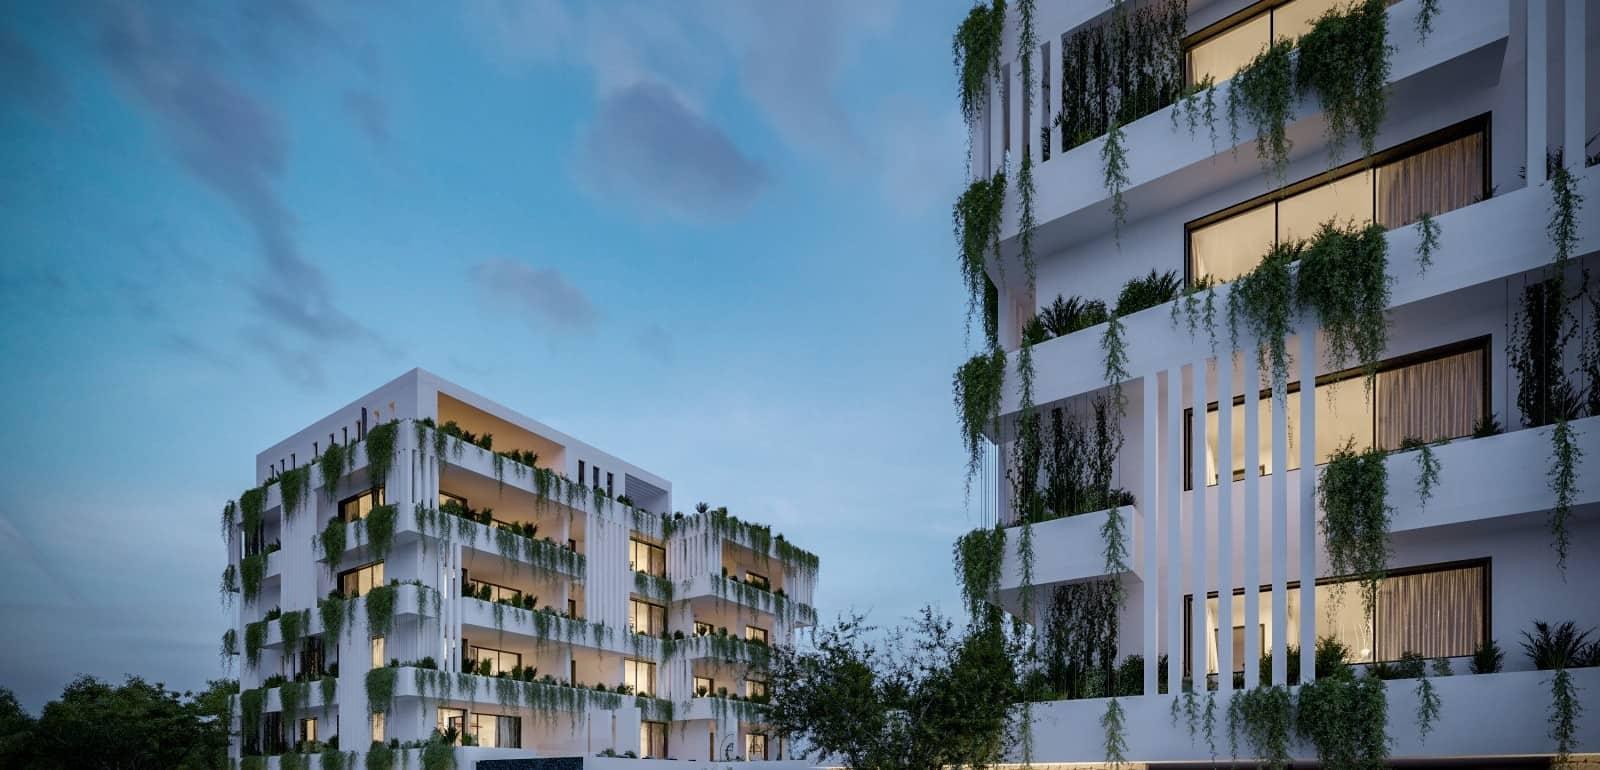 Nhà cỡ nhỏ và căn hộ trở thành lựa chọn hàng đầu tại Síp